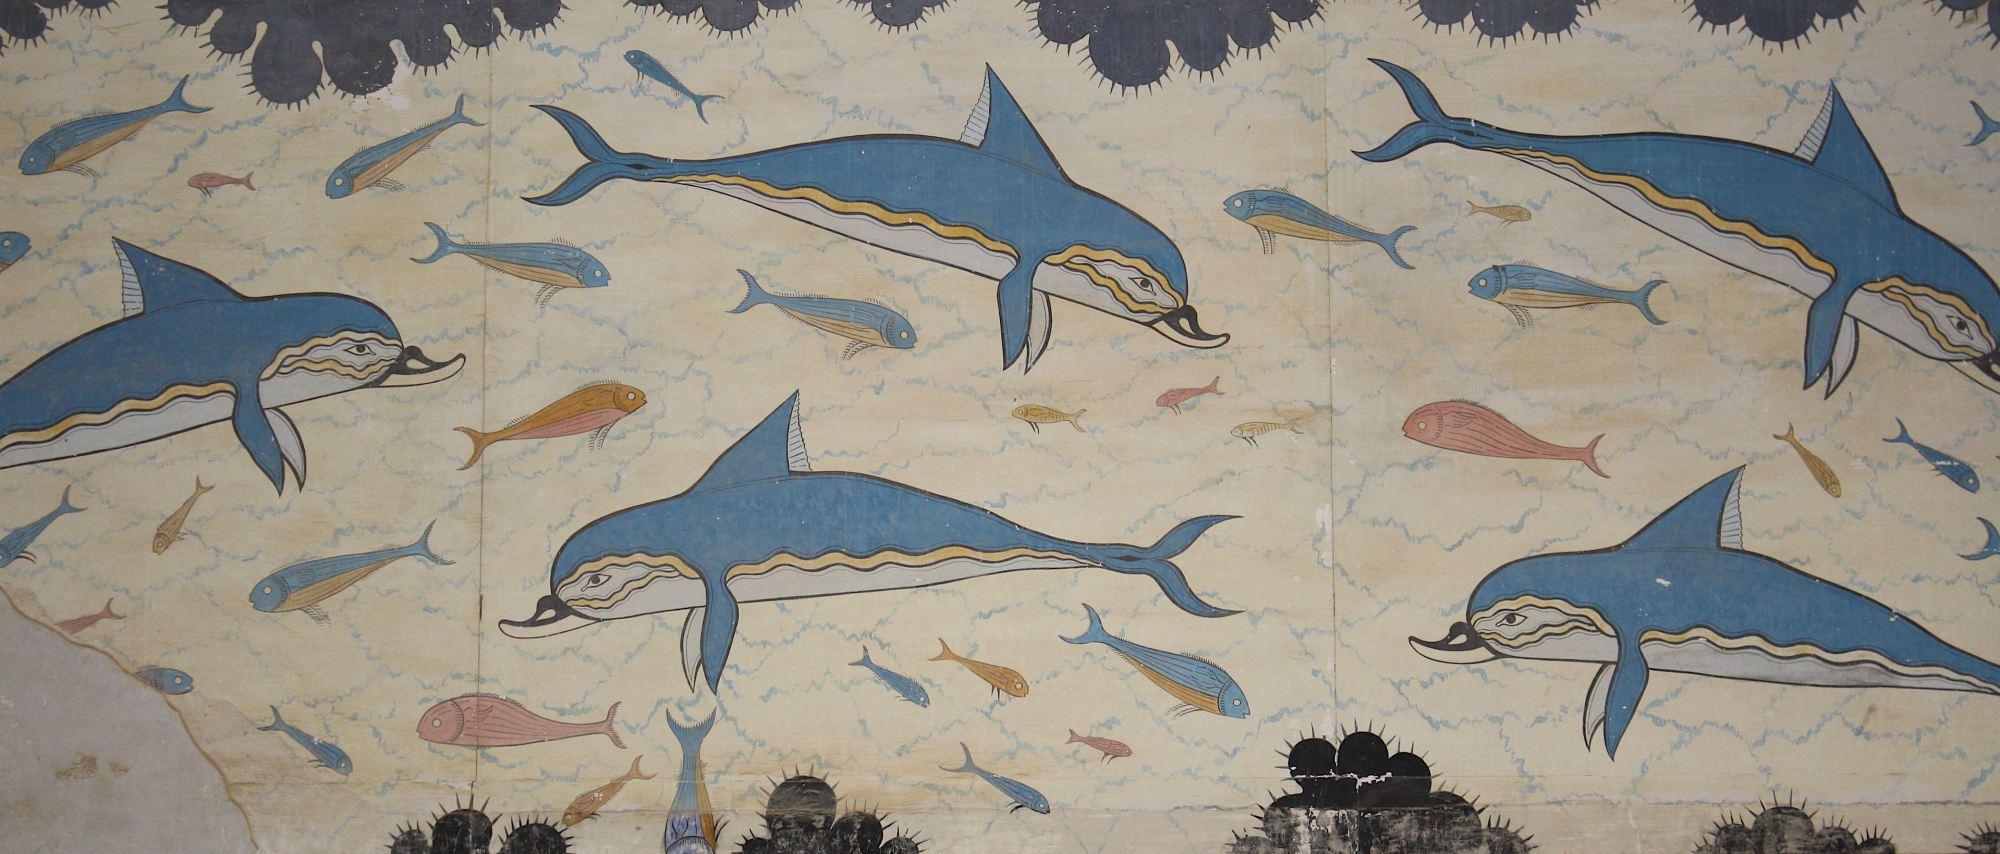 knossos dolphins